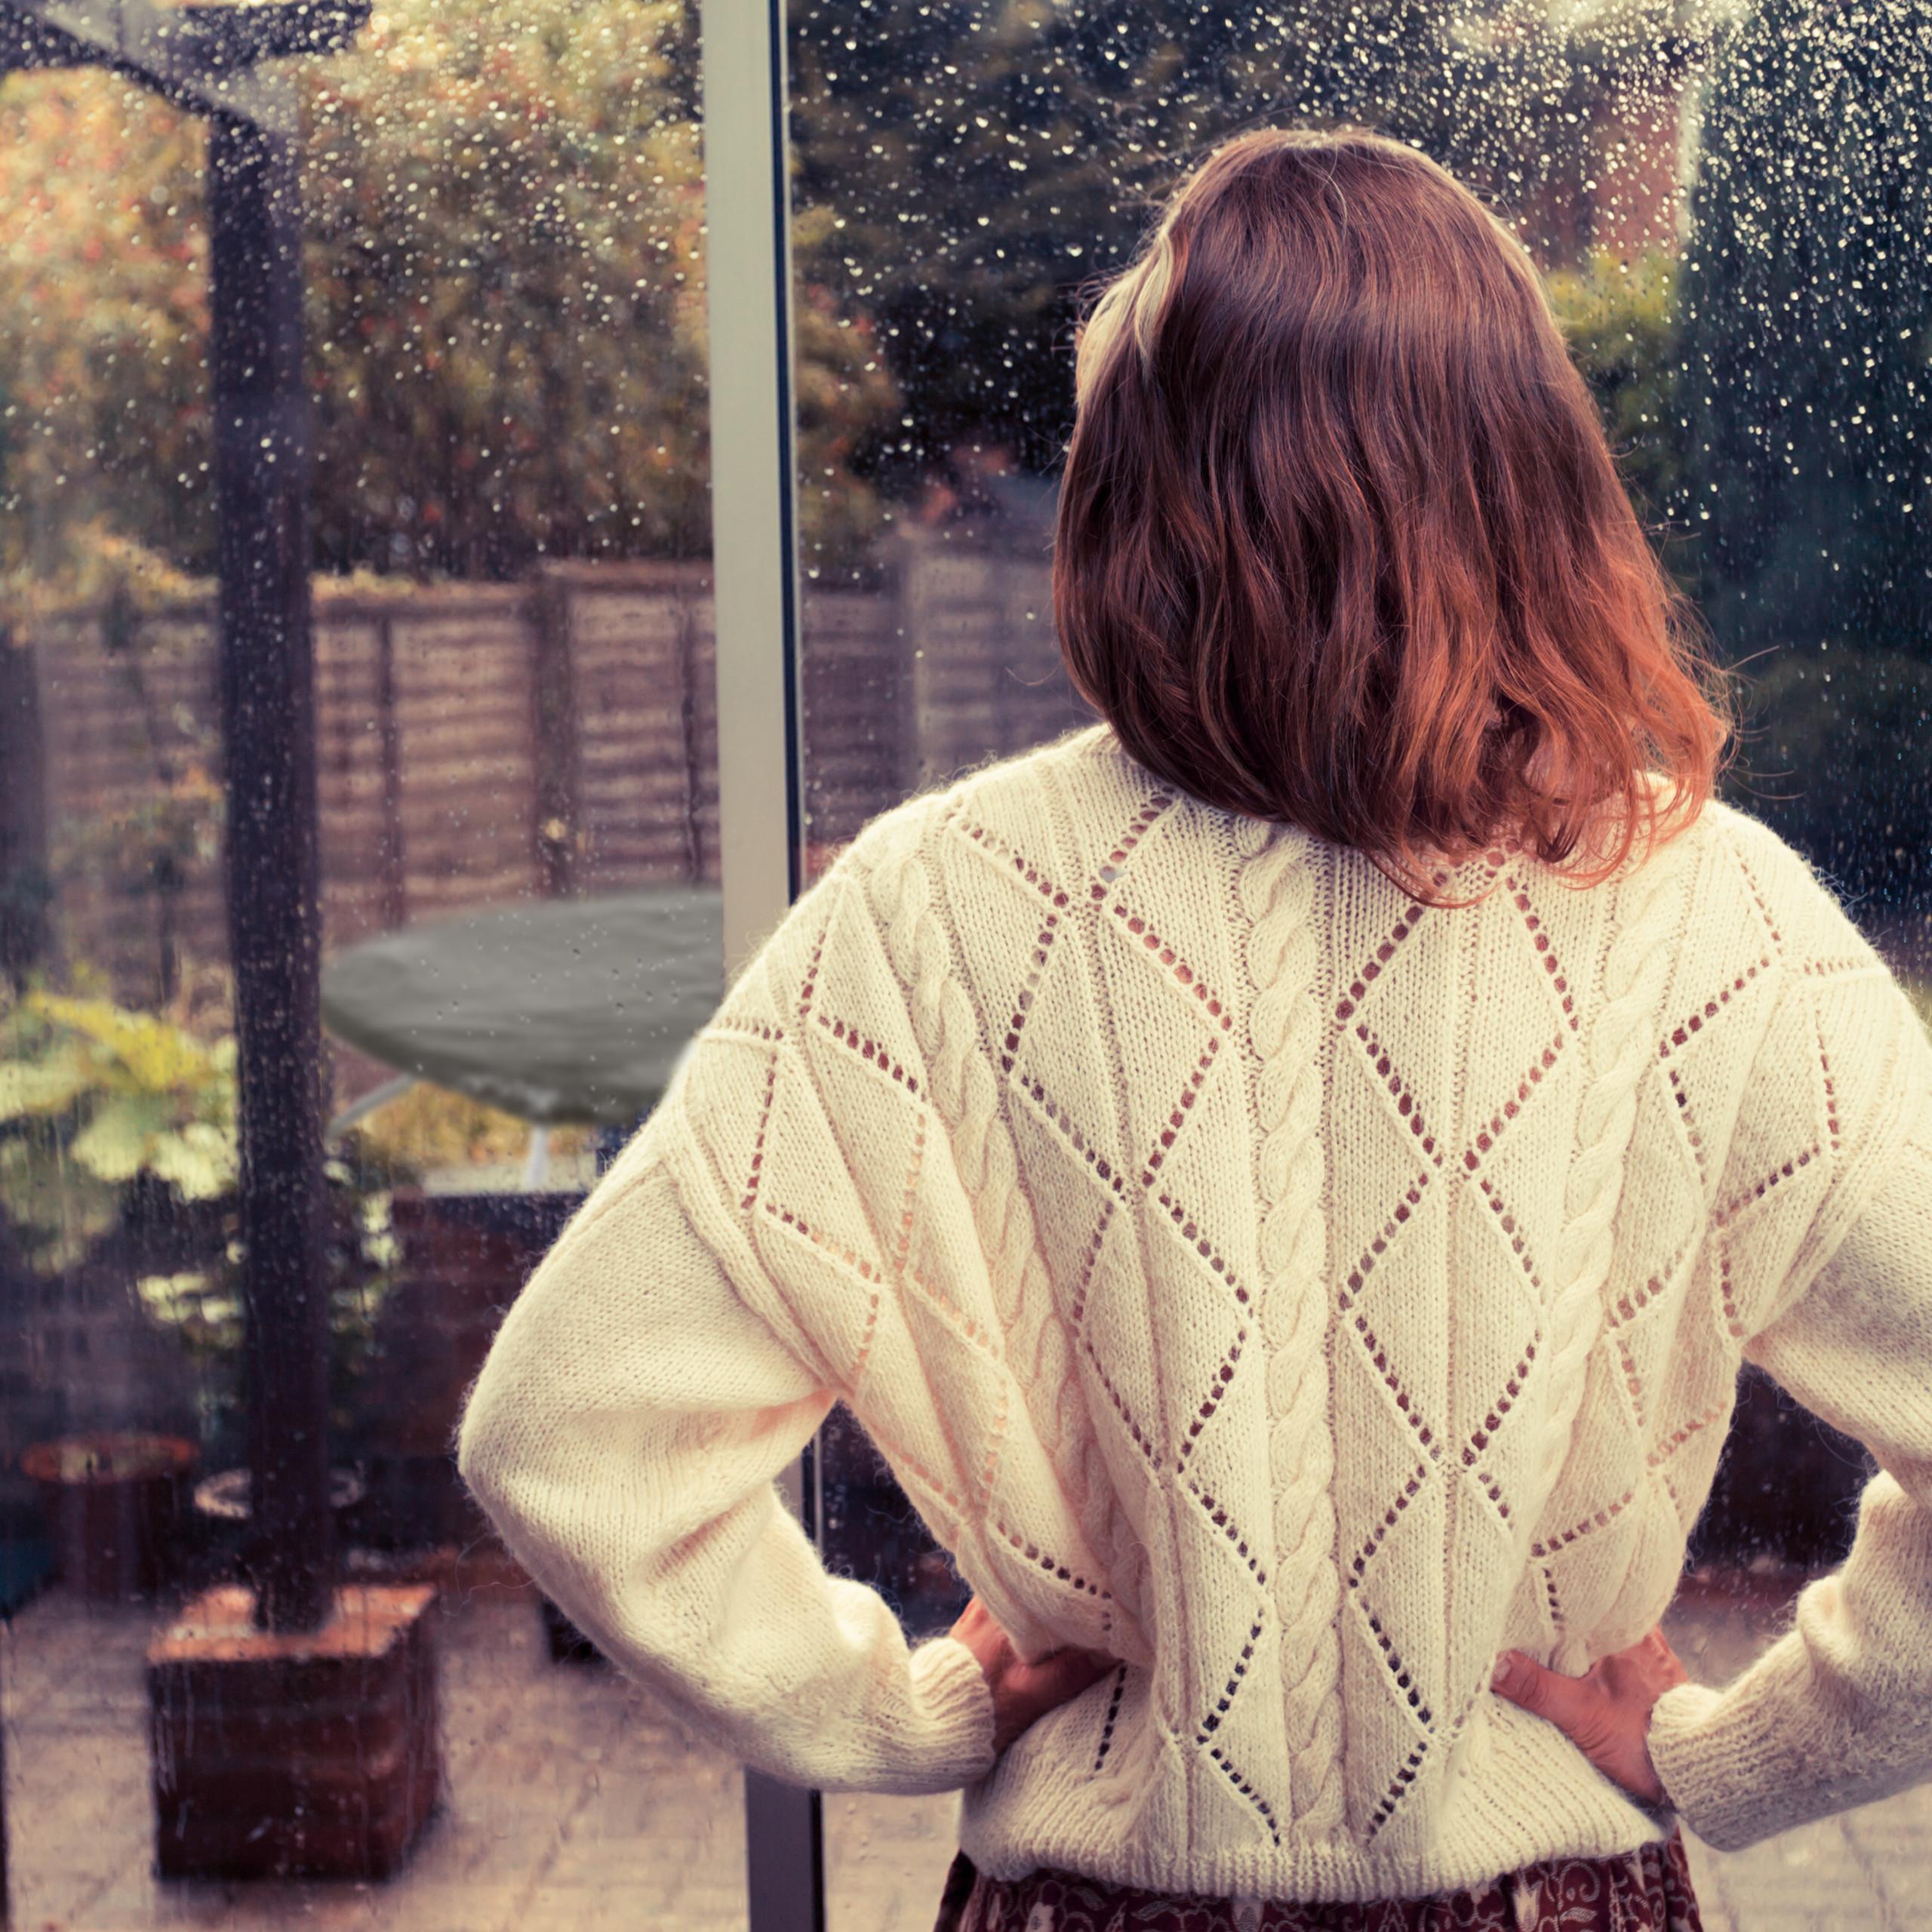 Housse-de-Protection-pour-Trampoline-Bache-pluie-vent-jardin-intemperies miniature 6